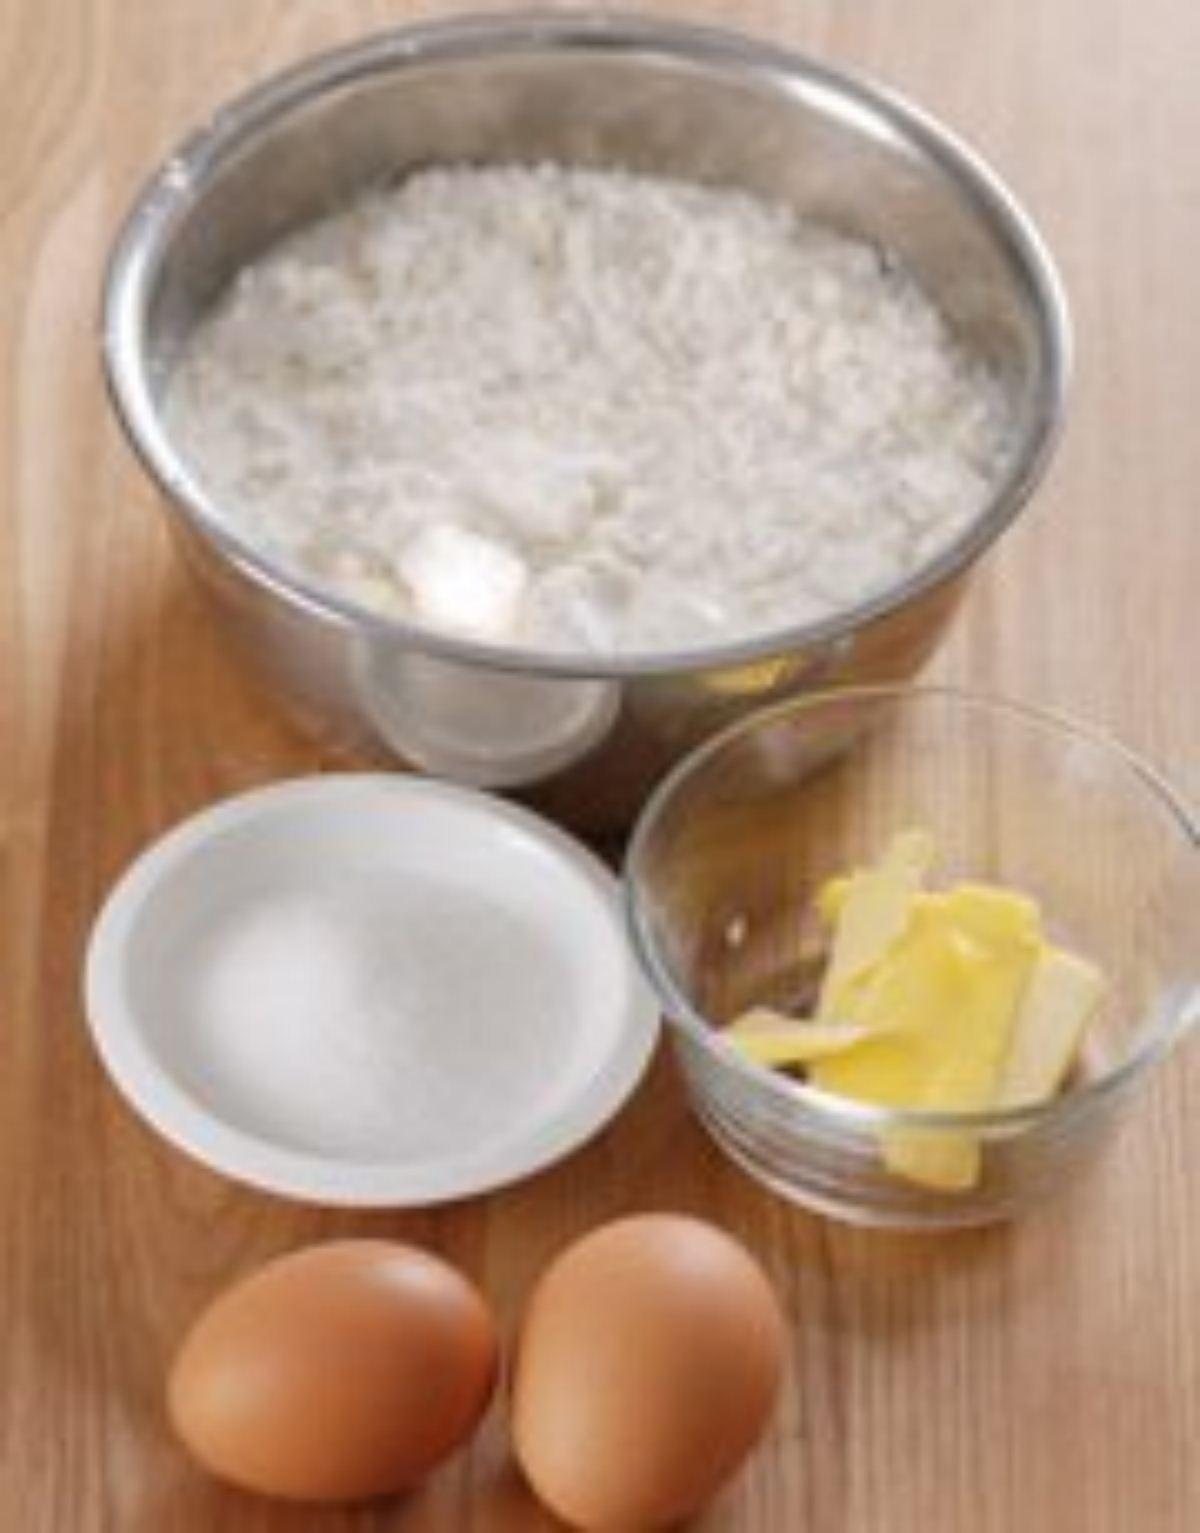 nguyên liệu làm bánh kép dâu tây